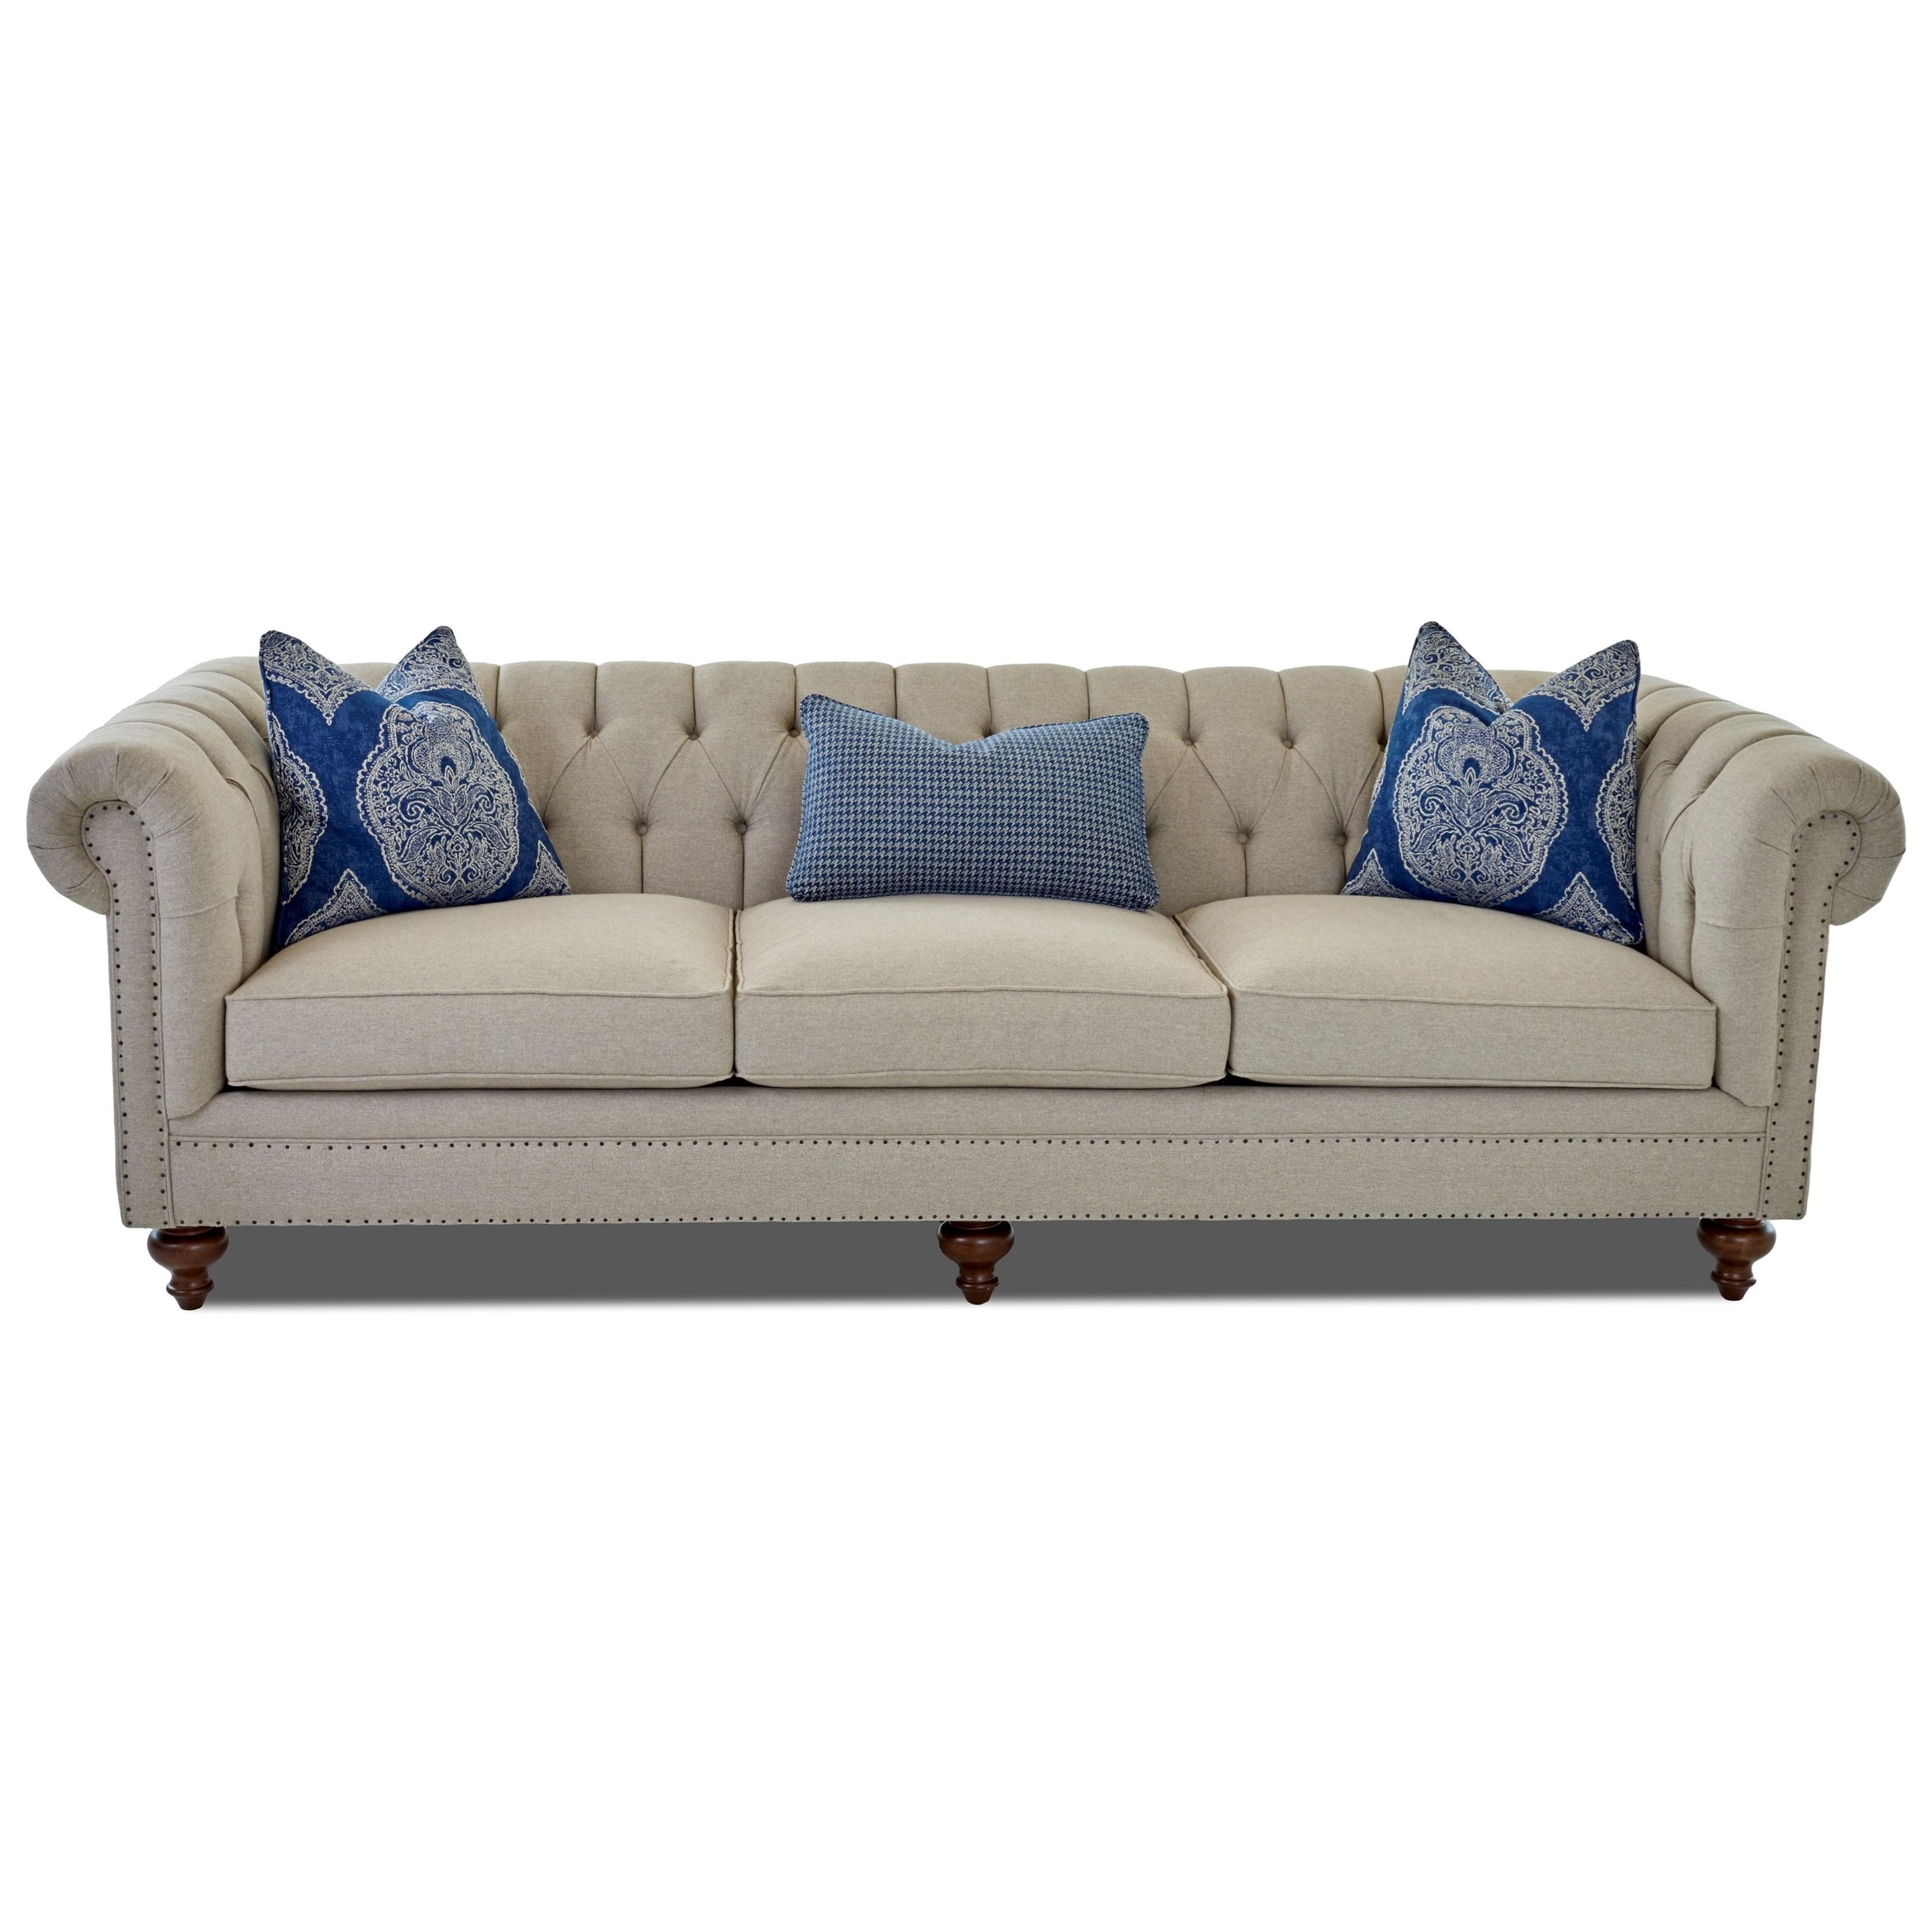 Extra Large Sofa